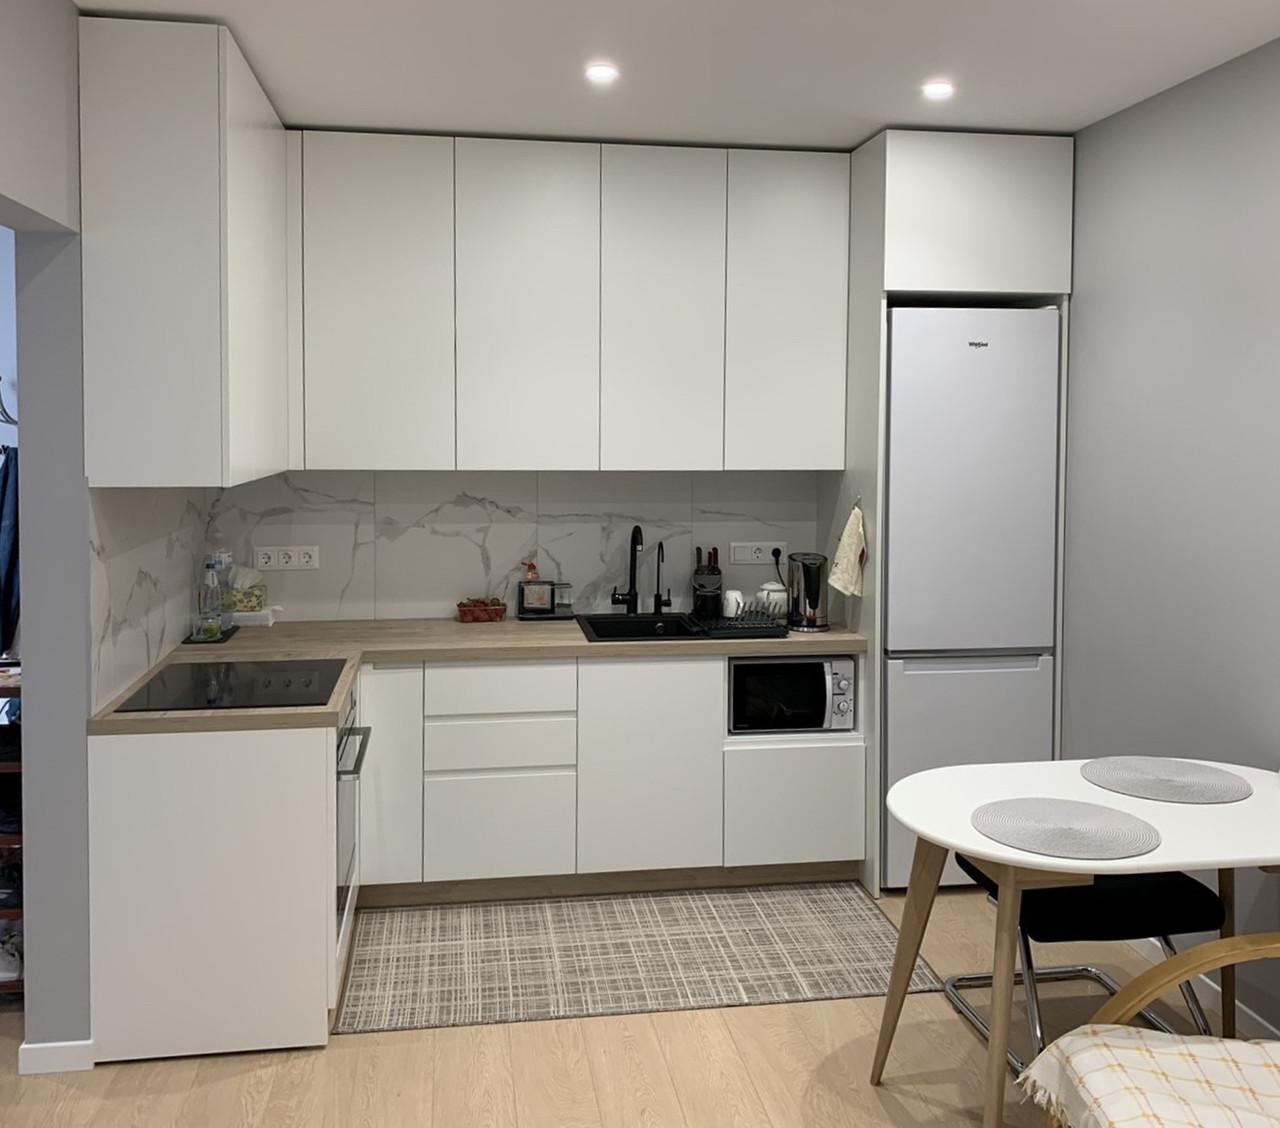 Кухня на замовлення в сучасному стилі. Кухня під стелю. Кухня 2021 року модель